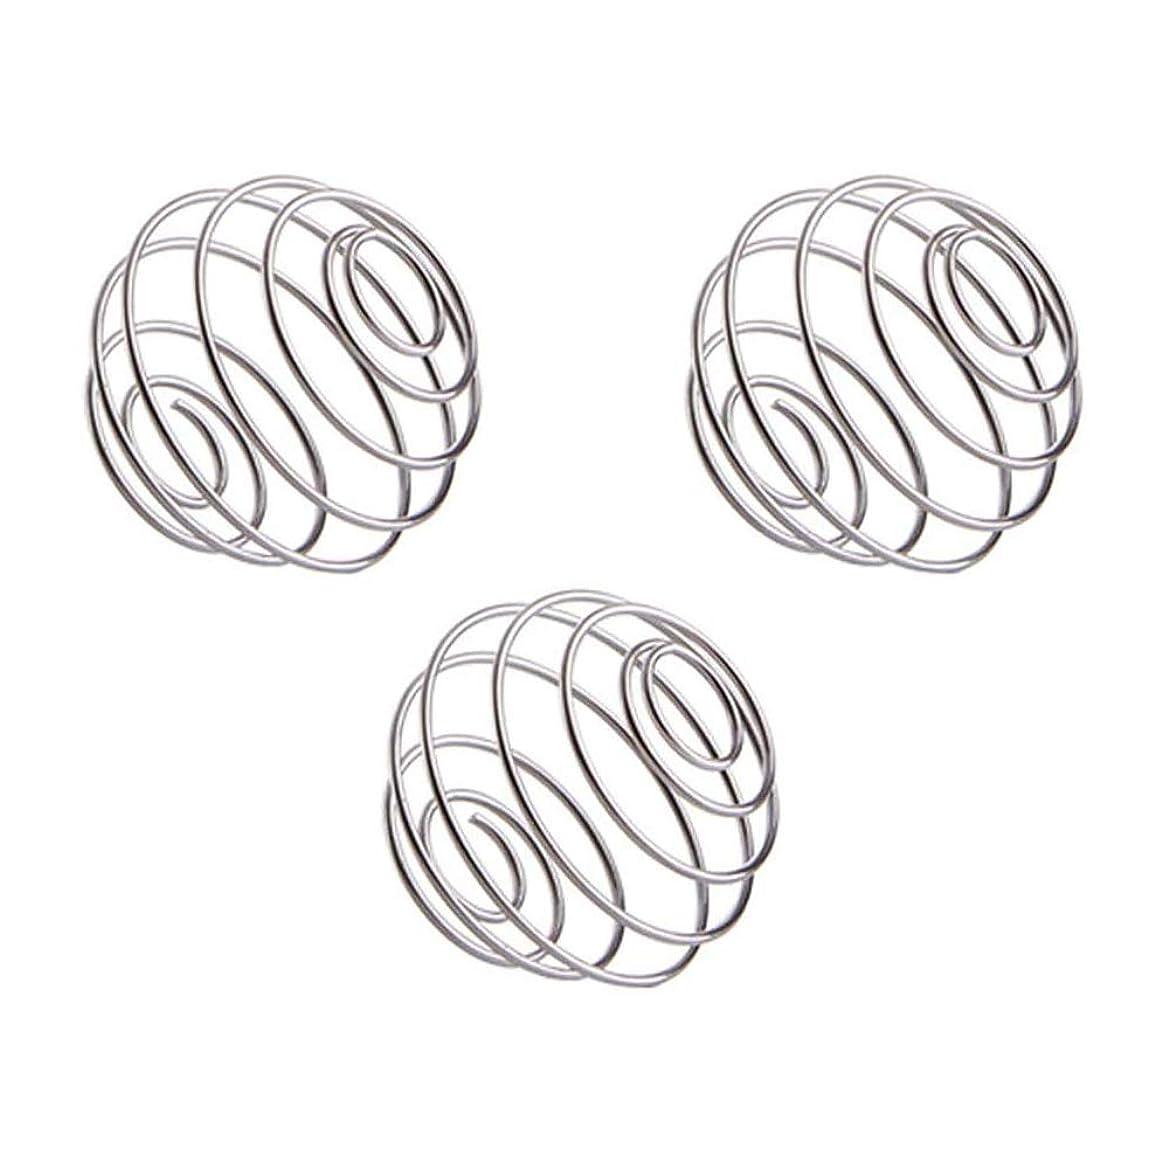 唯物論デッキ熱帯の1個入りミキシング 泡だて器 ボール カップ プロテイン シェーカー 泡立ボール ステンレス スチール